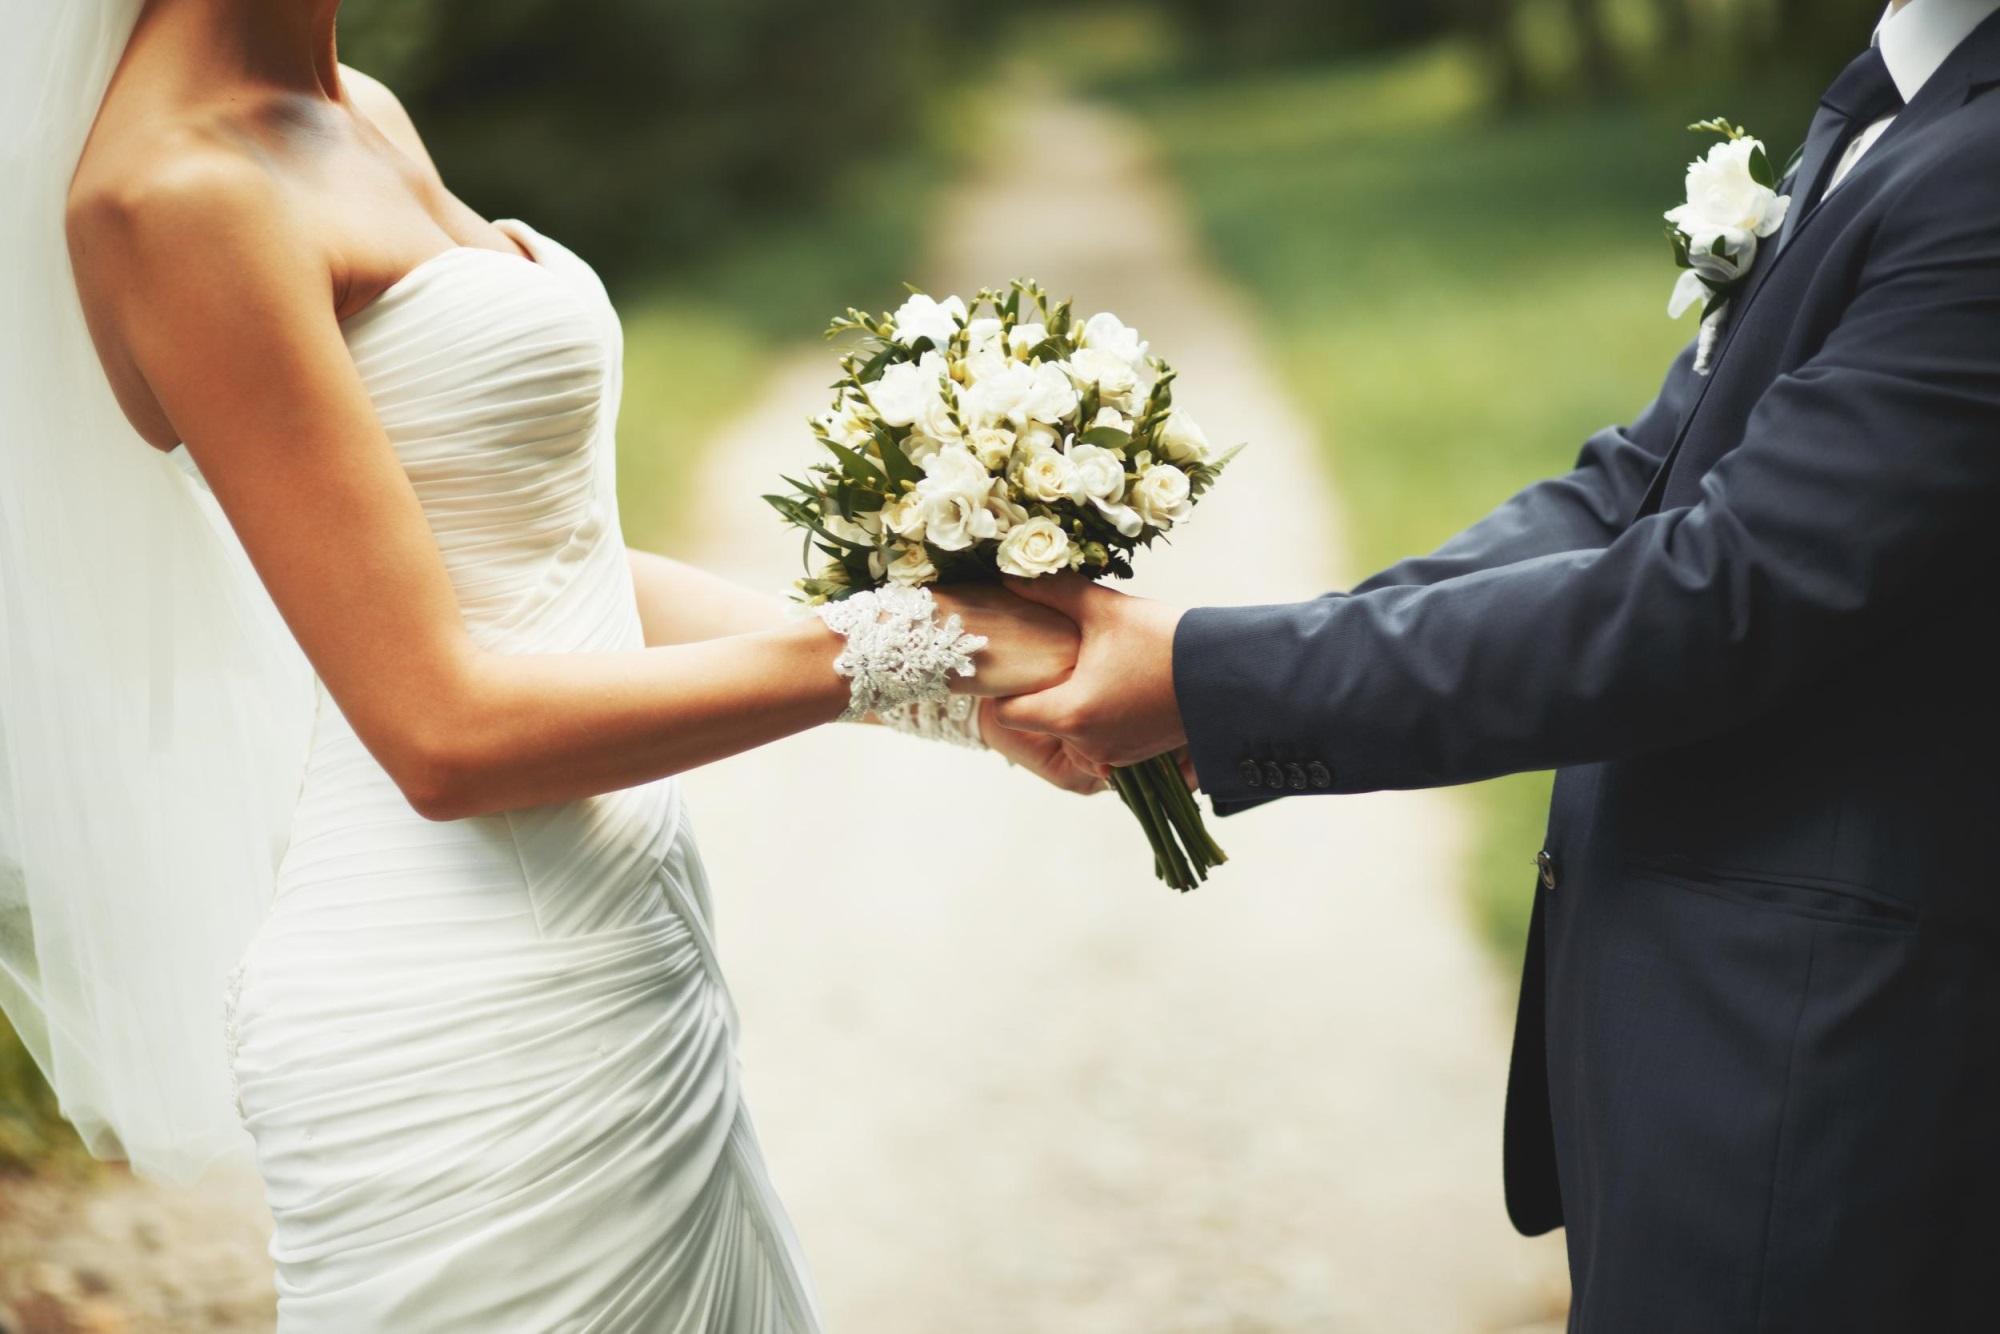 Hai kiểu chồng lấy được phúc đức ngàn đời, kiểu cuối nặng nghiệp lắm mới gặp phải - Ảnh 4